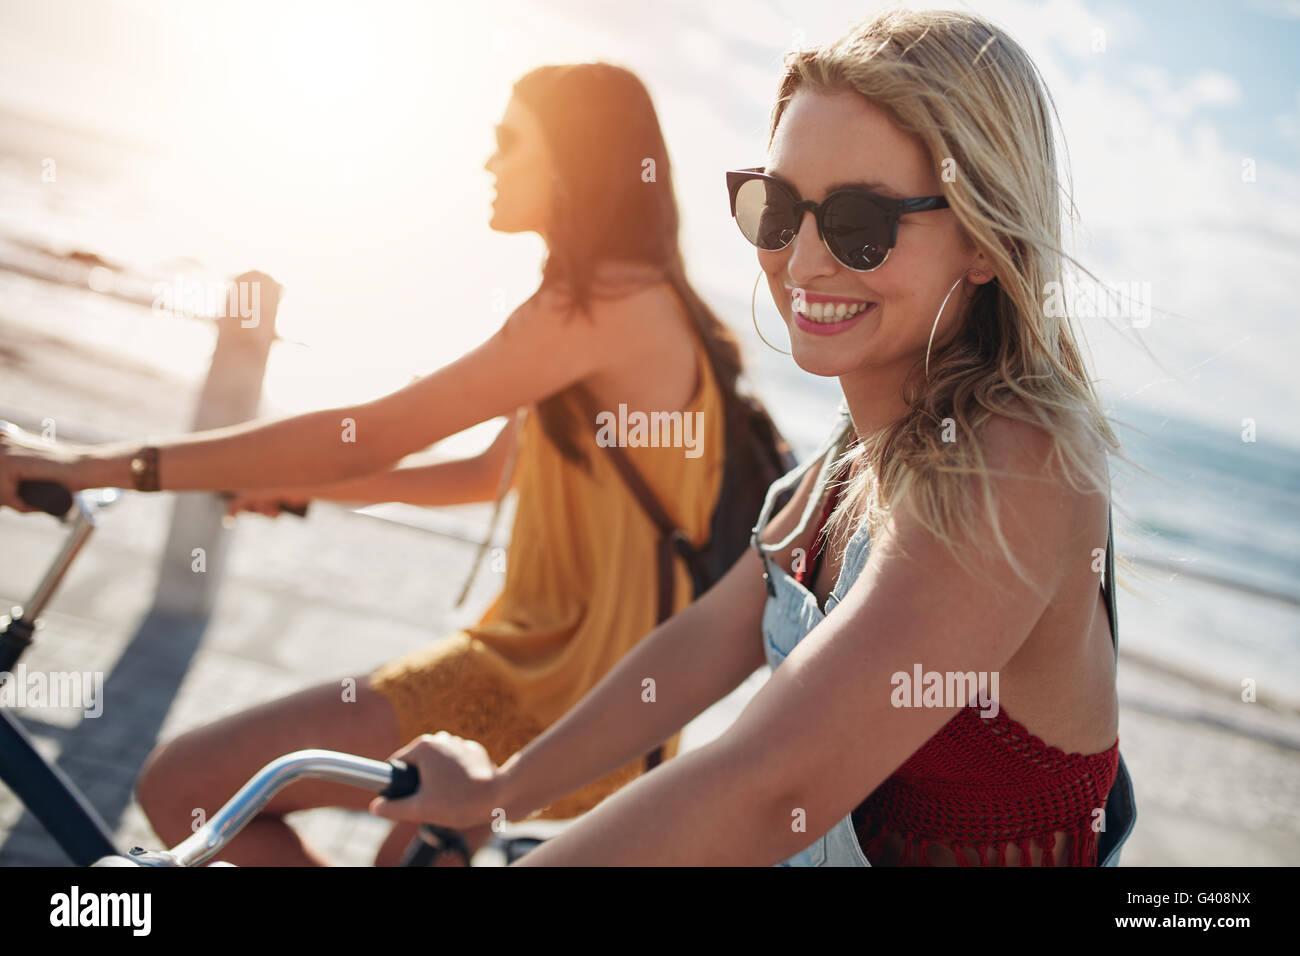 Smiling young woman riding bicycle avec son ami lors d'une journée ensoleillée. Deux amies à Photo Stock